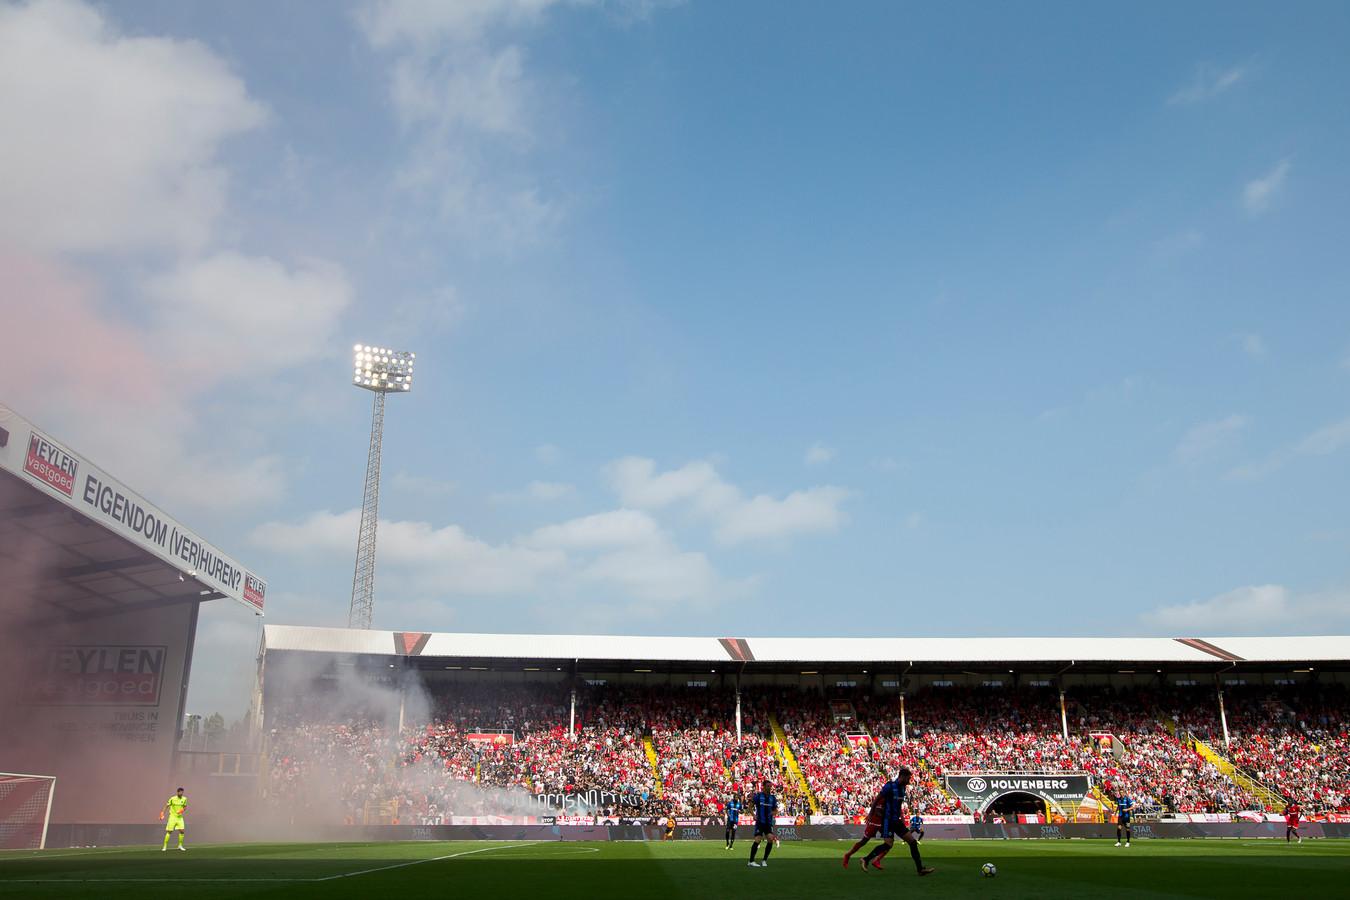 De Bosuil in Antwerpen is het decor van een vriendschappelijke wedstrijd tussen Vitesse en Royal Antwerp FC. Het duel is niet toegankelijk voor publiek.